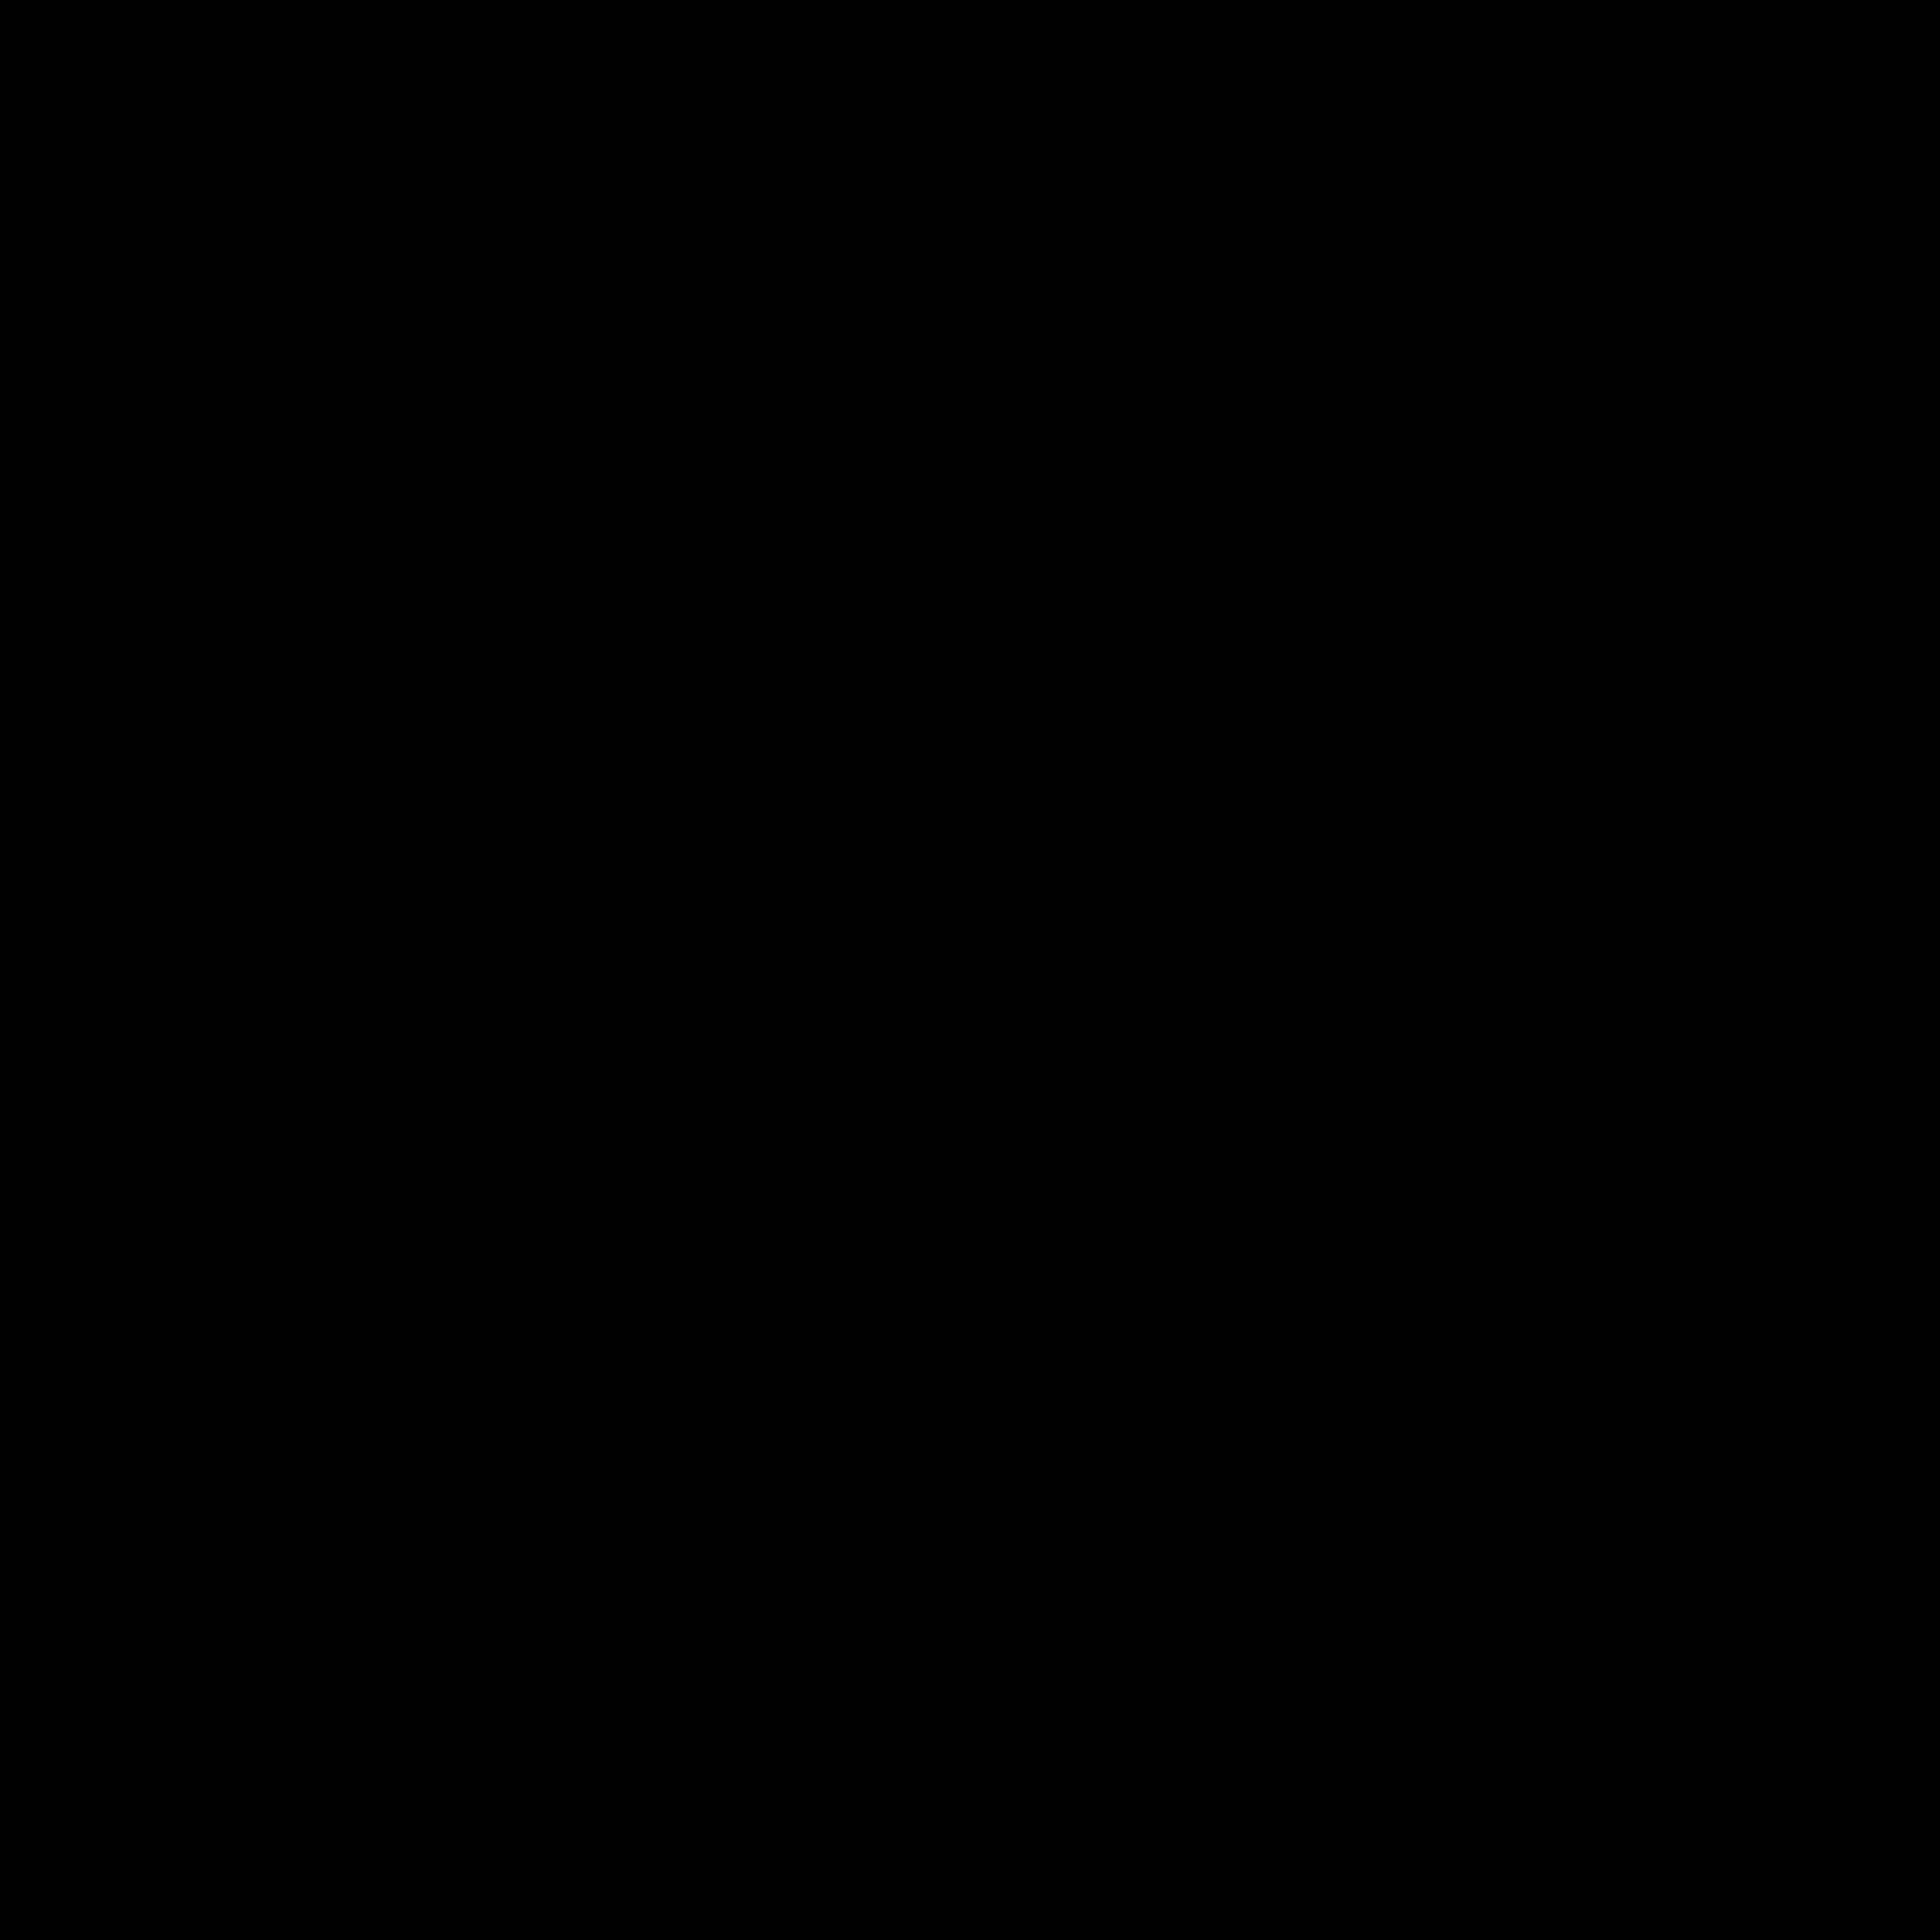 Sbs 2 čínská seznamka